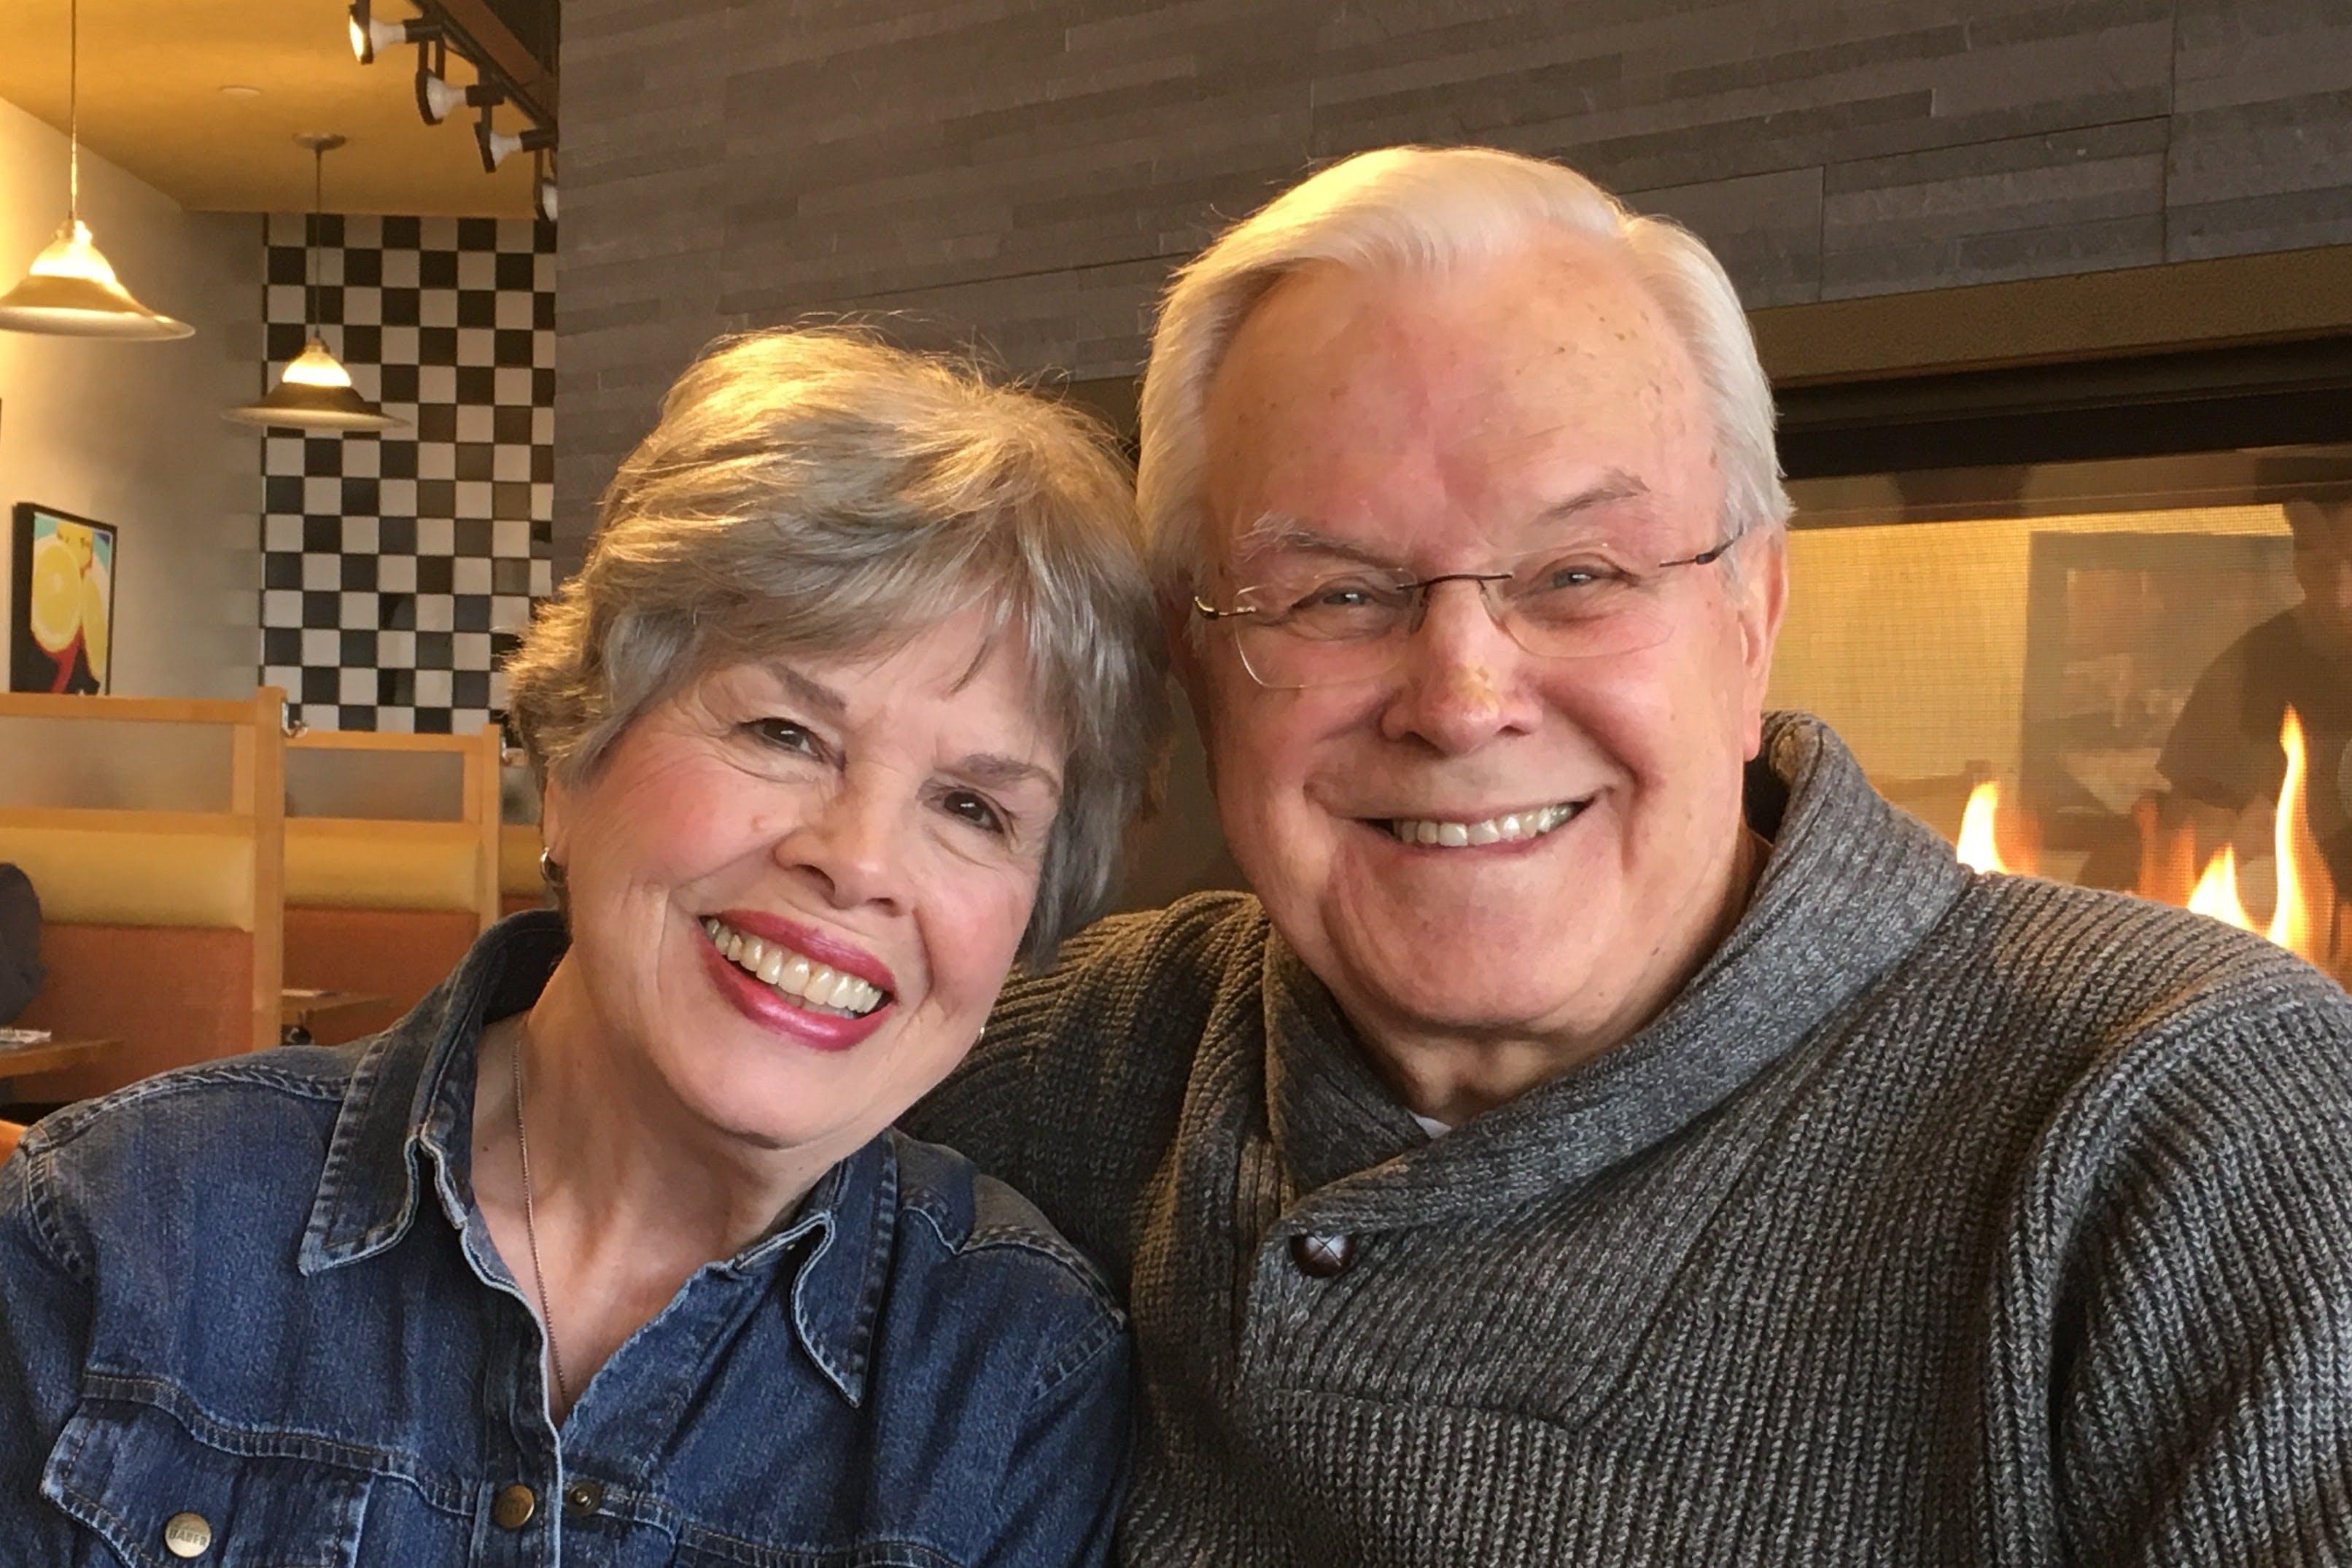 Leland and Carol Eliason